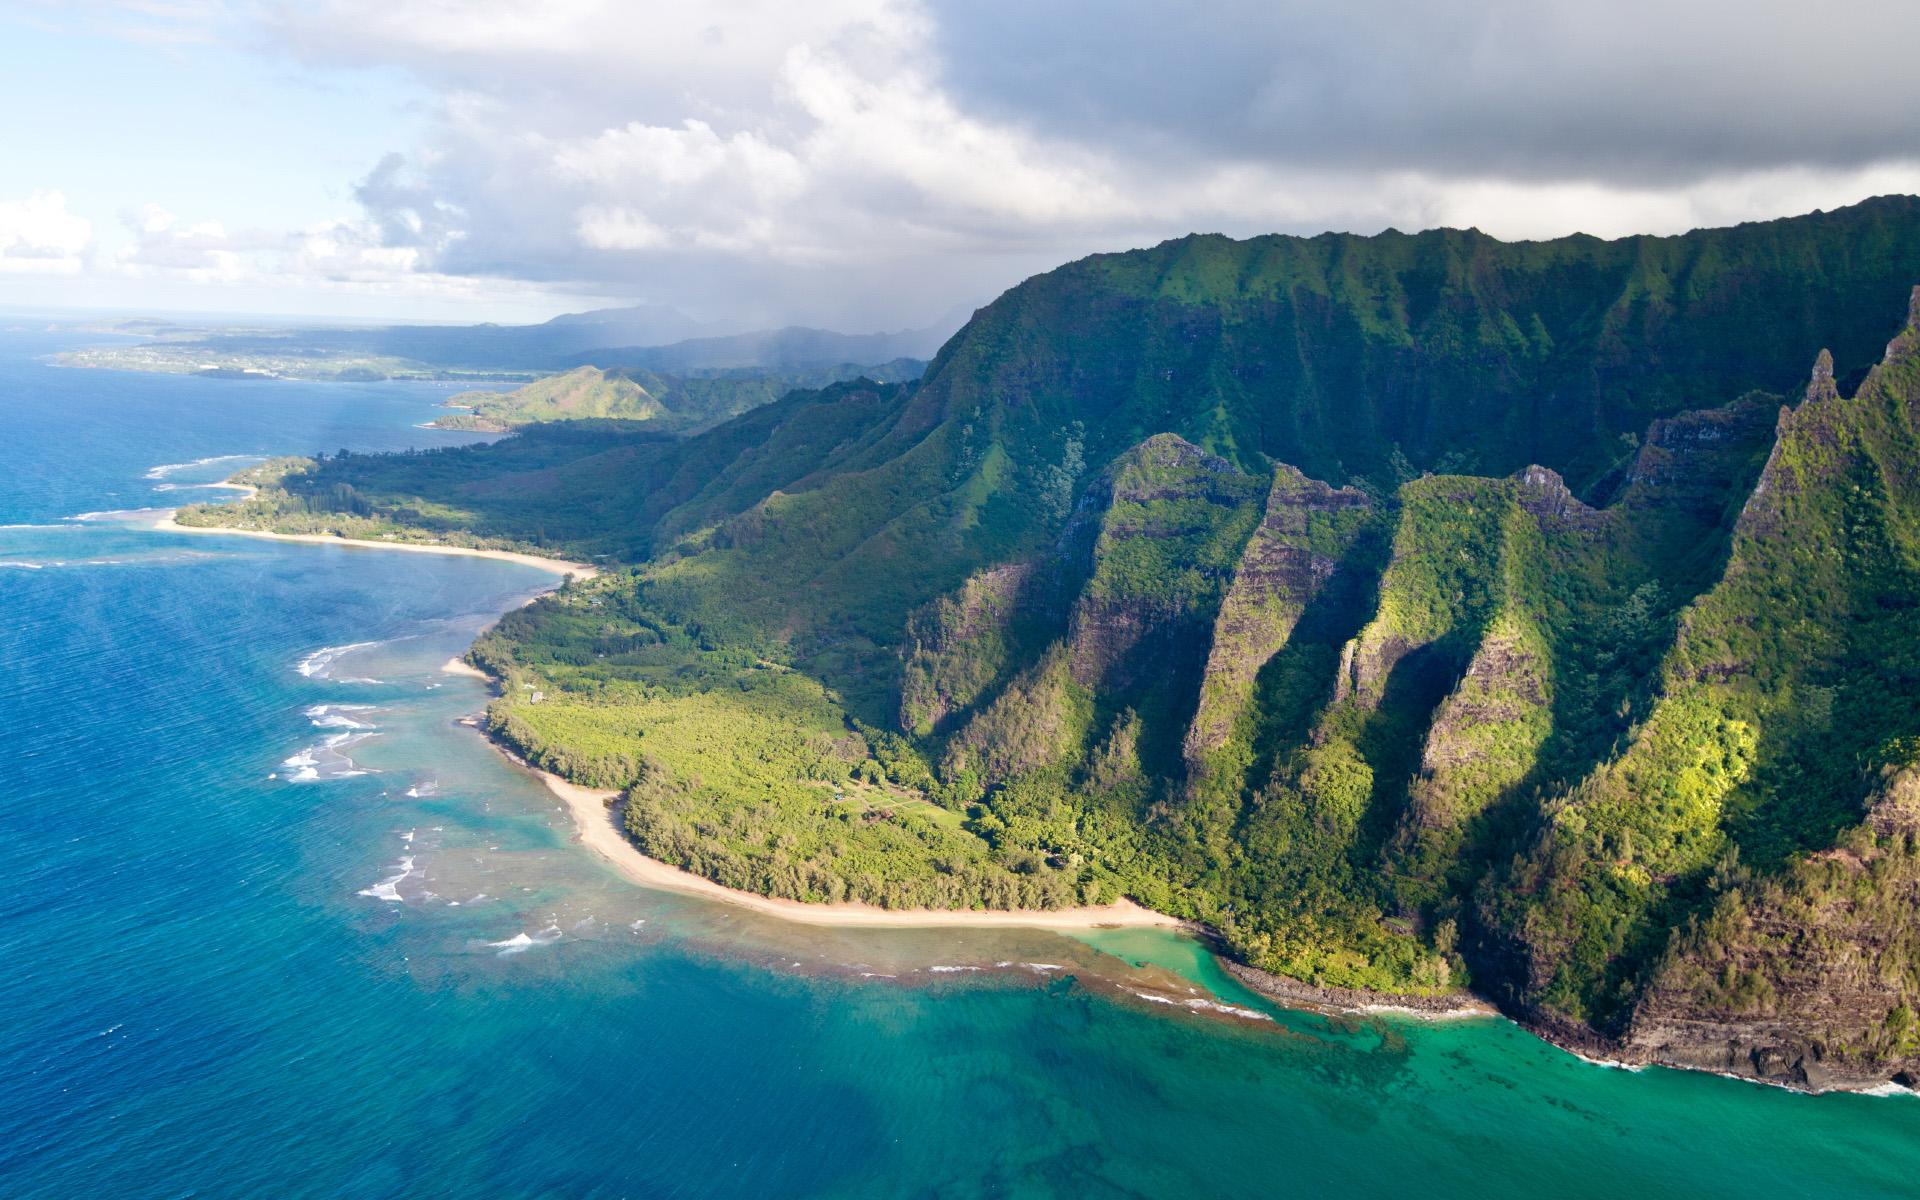 Rất khó tìm được khung cảnh có bãi cát, vách núi và biển